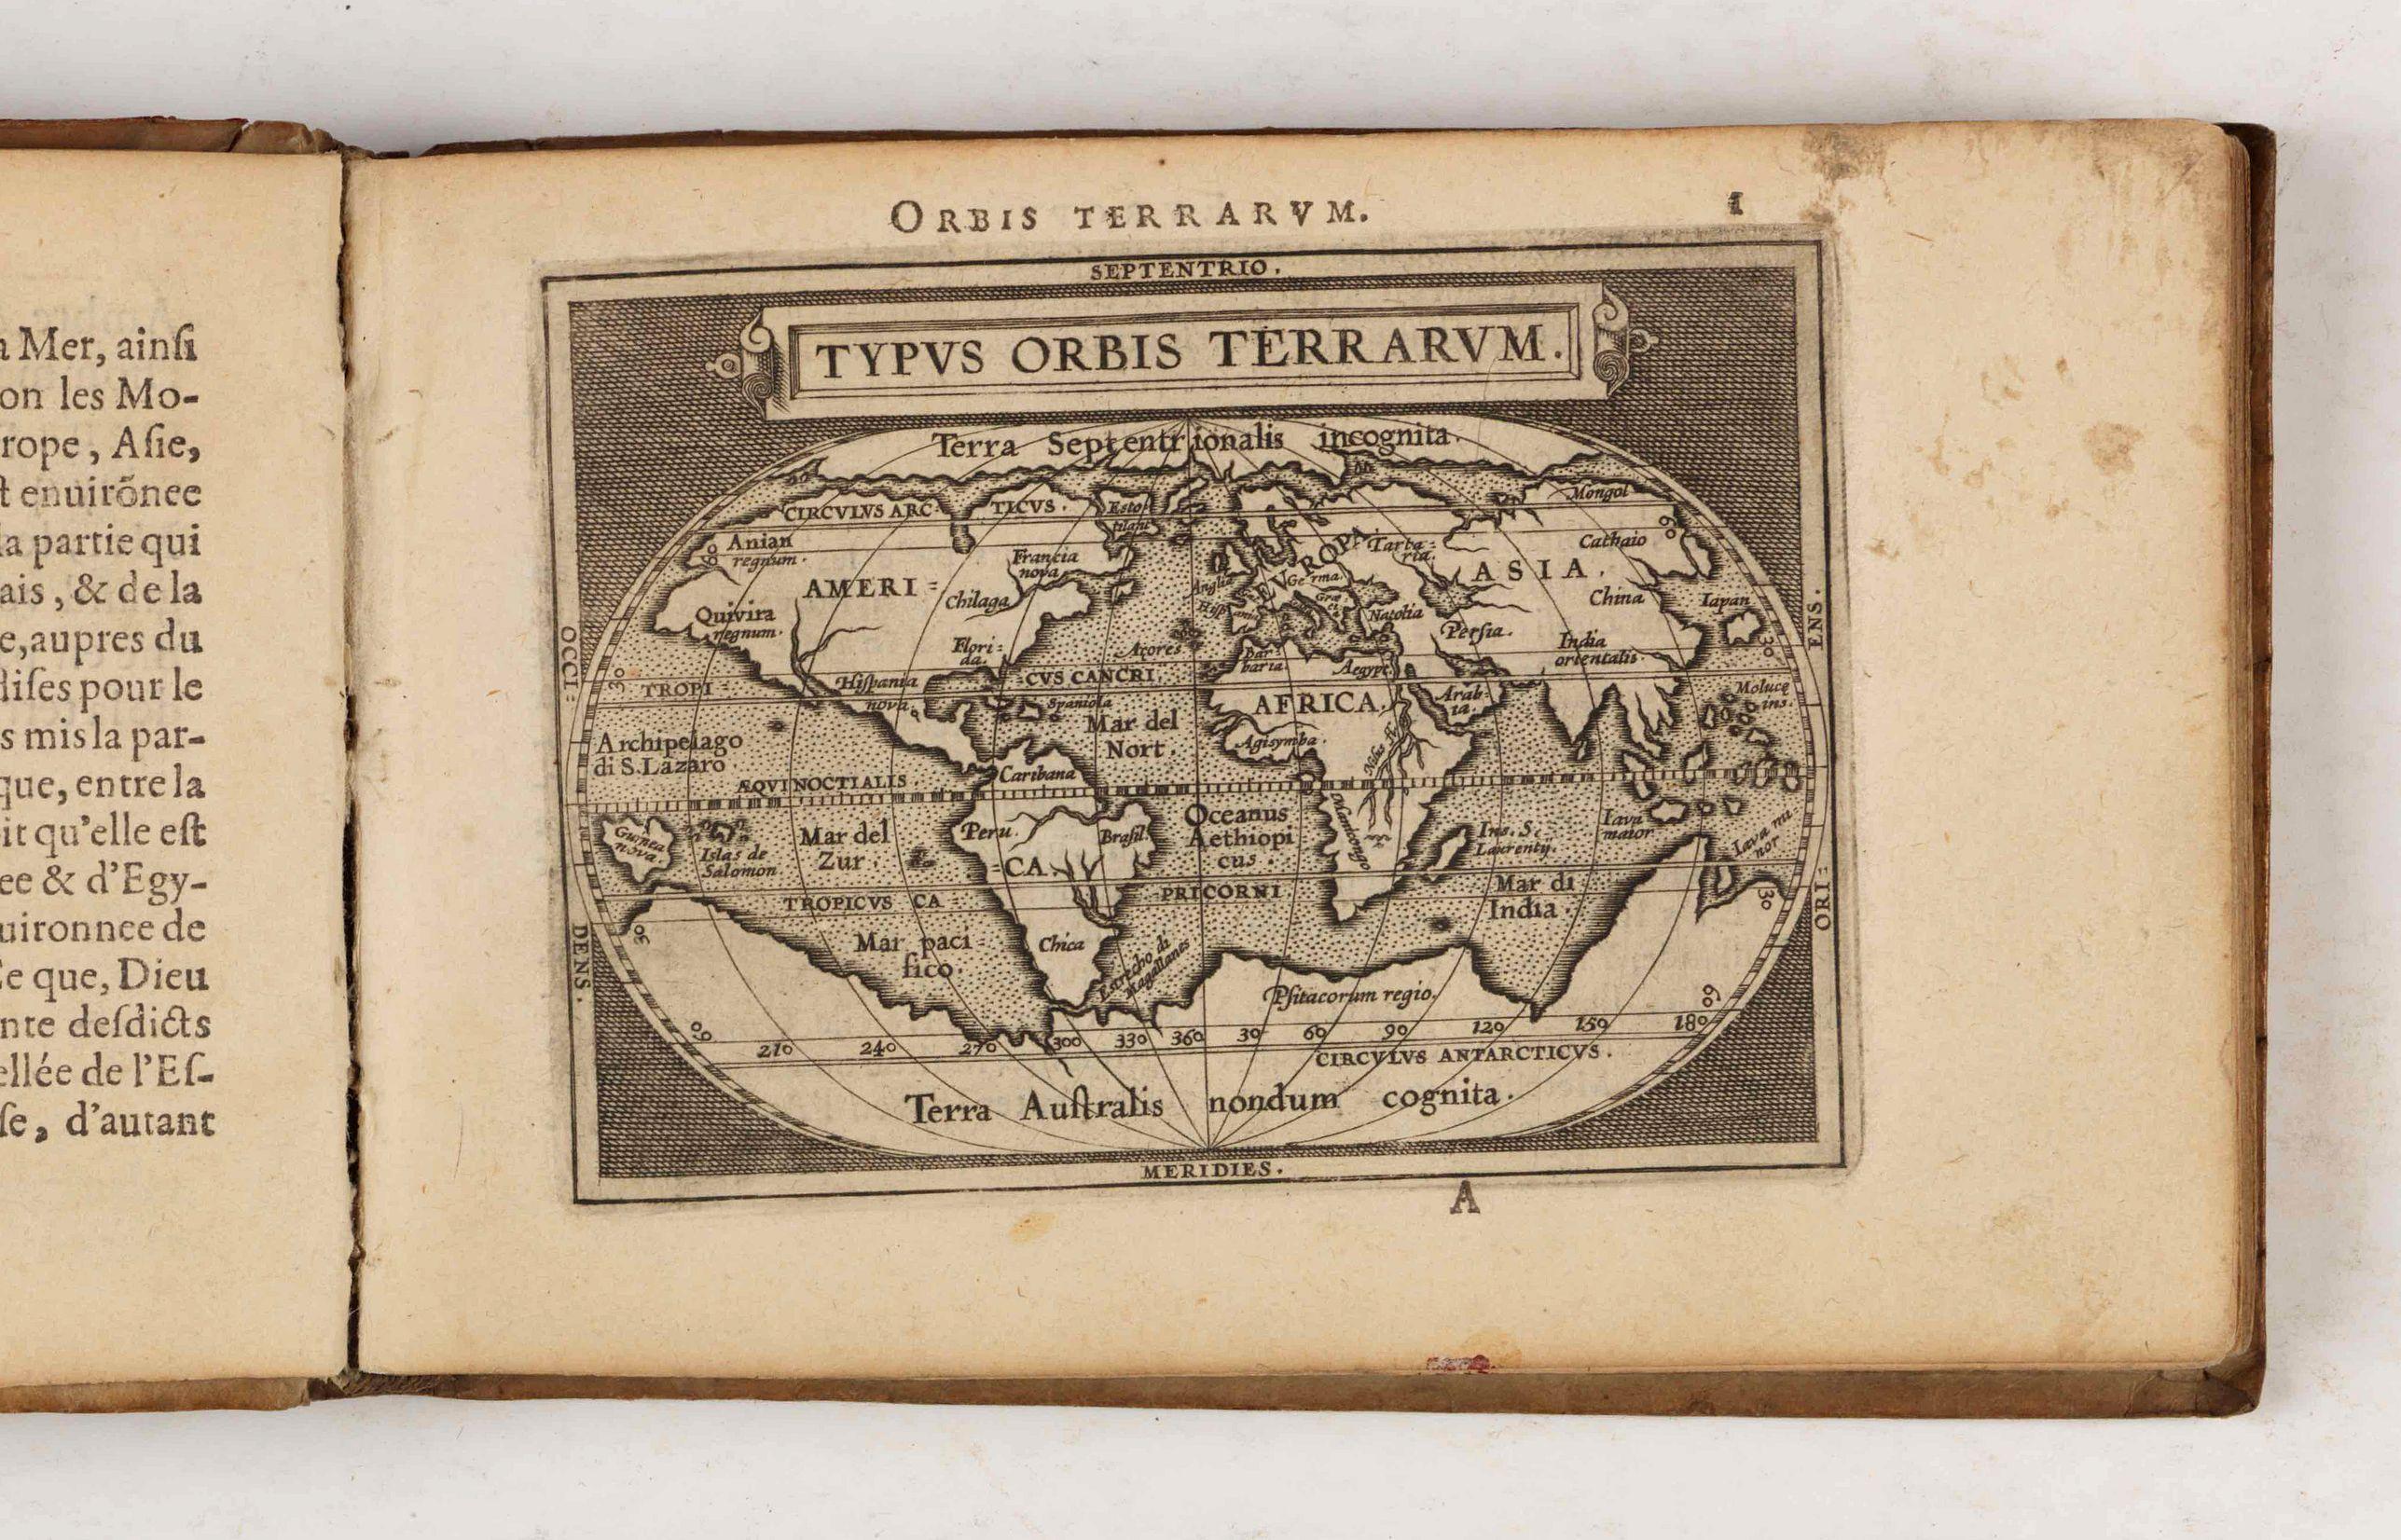 Epitome. Du Theatre du Monde d'Abraham Ortelius.